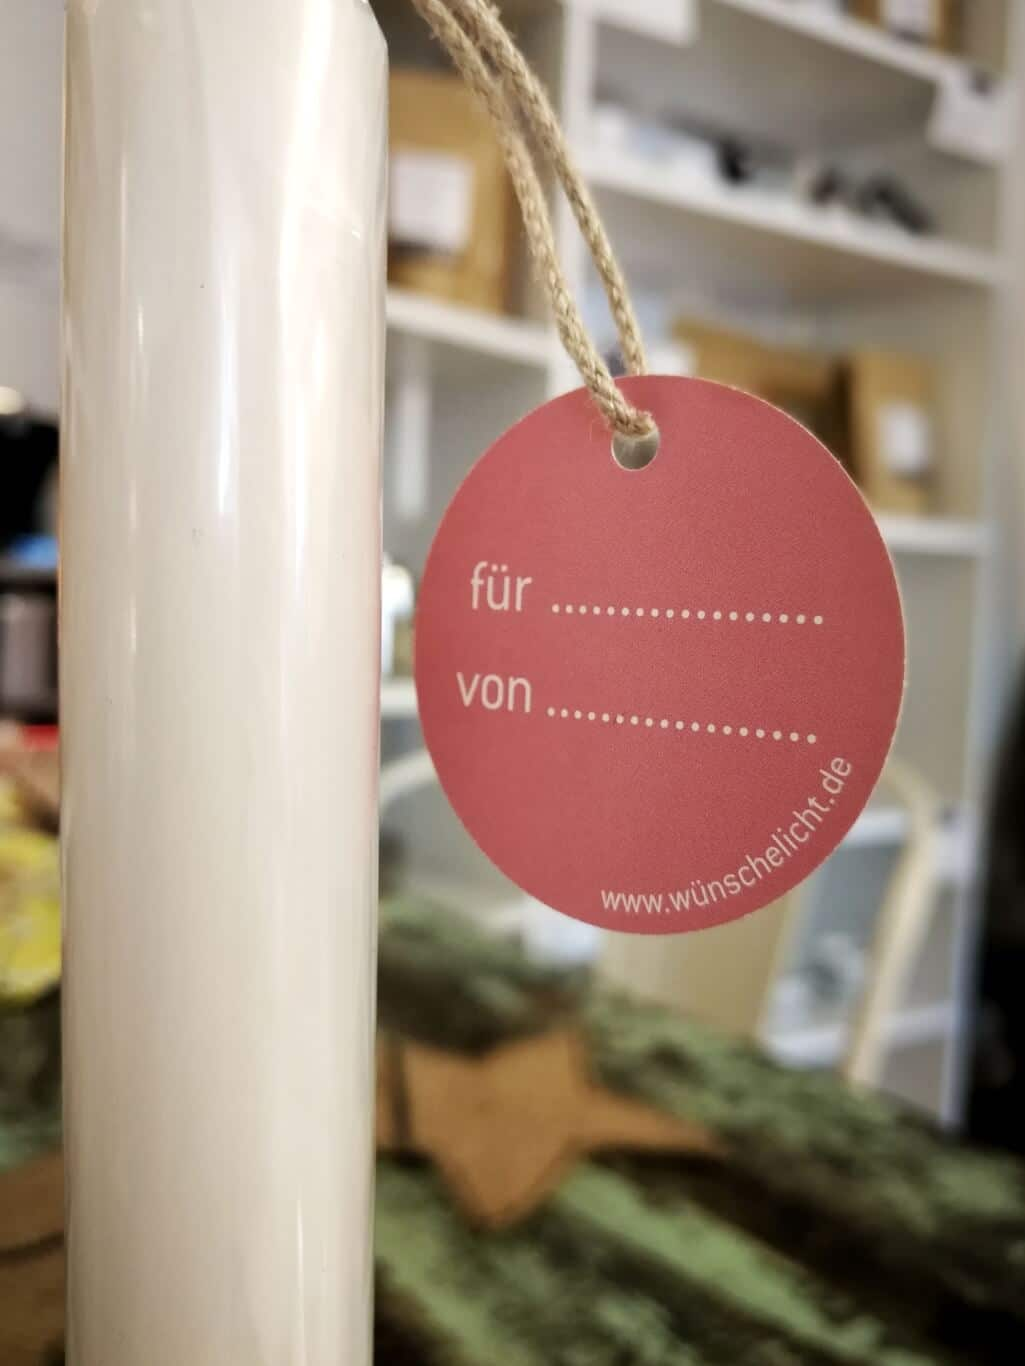 Geschenke für Weihnachten - Ideen für die Schwester, Schwiegermutter, Freundin